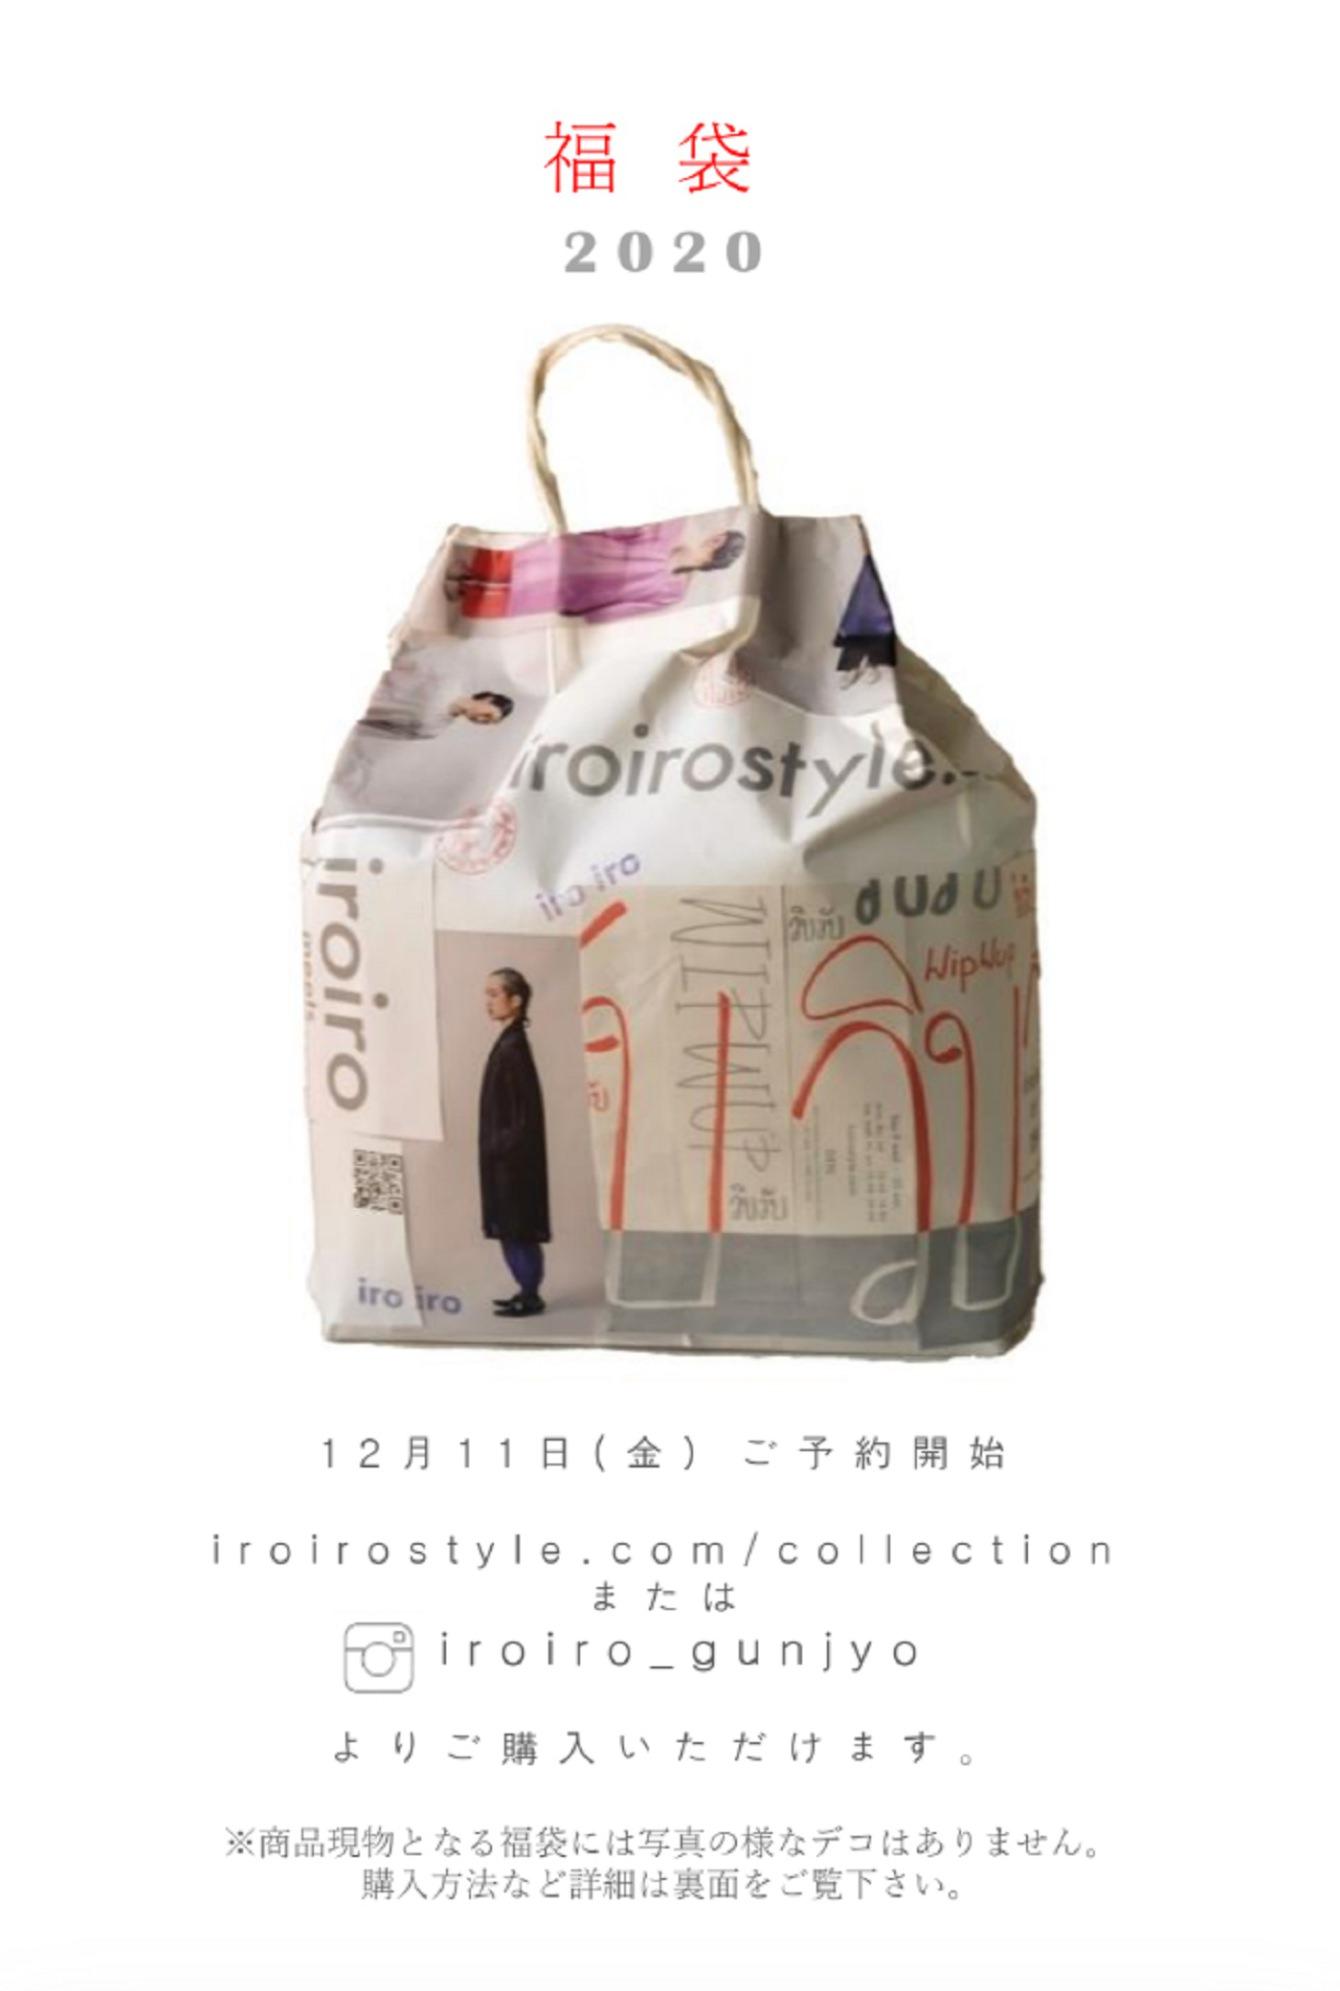 福袋のイメージ写真です。福袋の梱包には再利用の梱包資材を使用させて頂きます。予めご了承下さい。